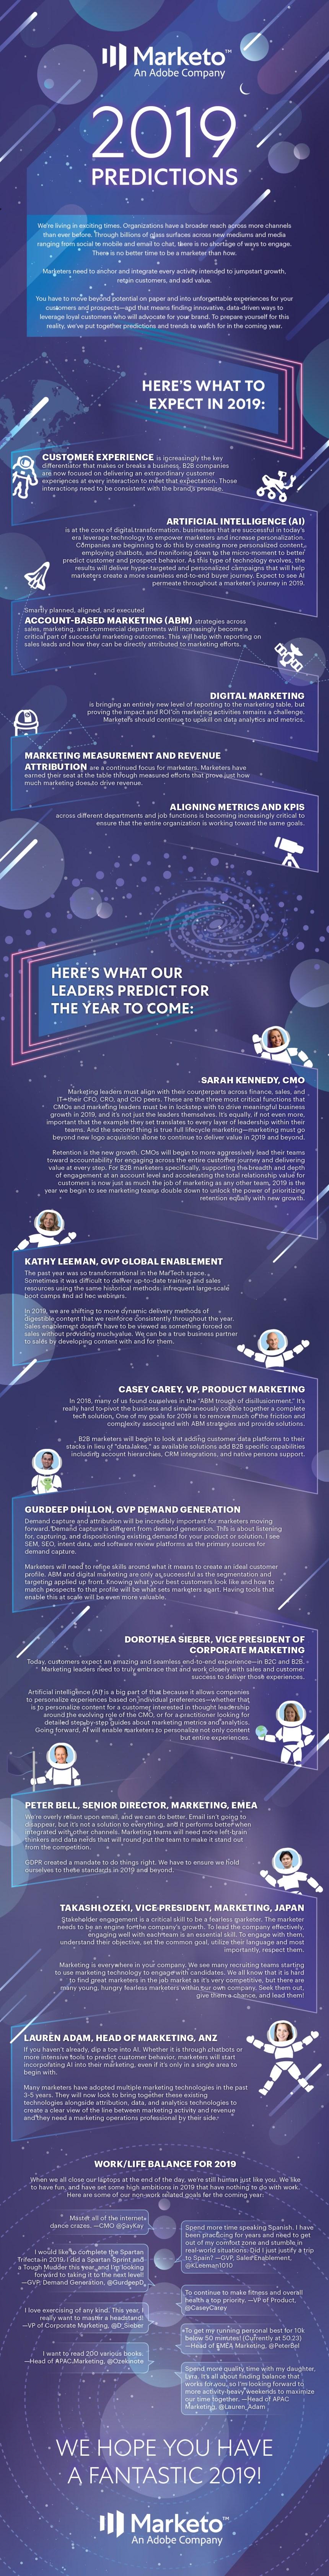 Predicciones sobre marketing para 2019